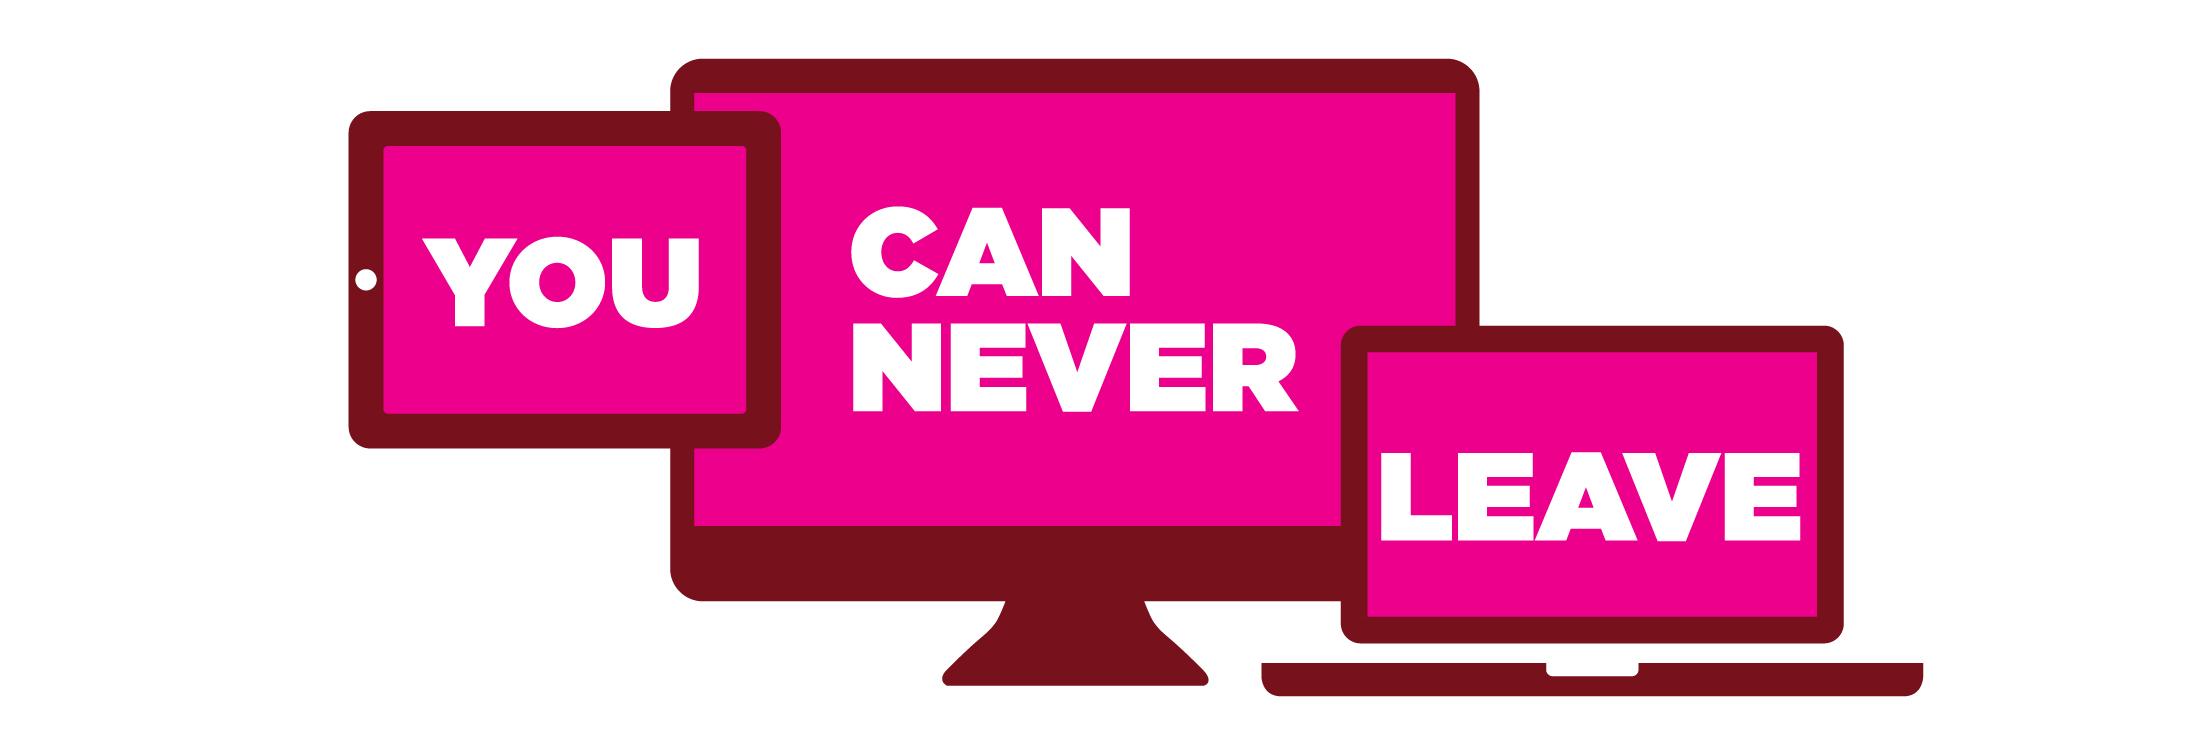 never_leave.jpg